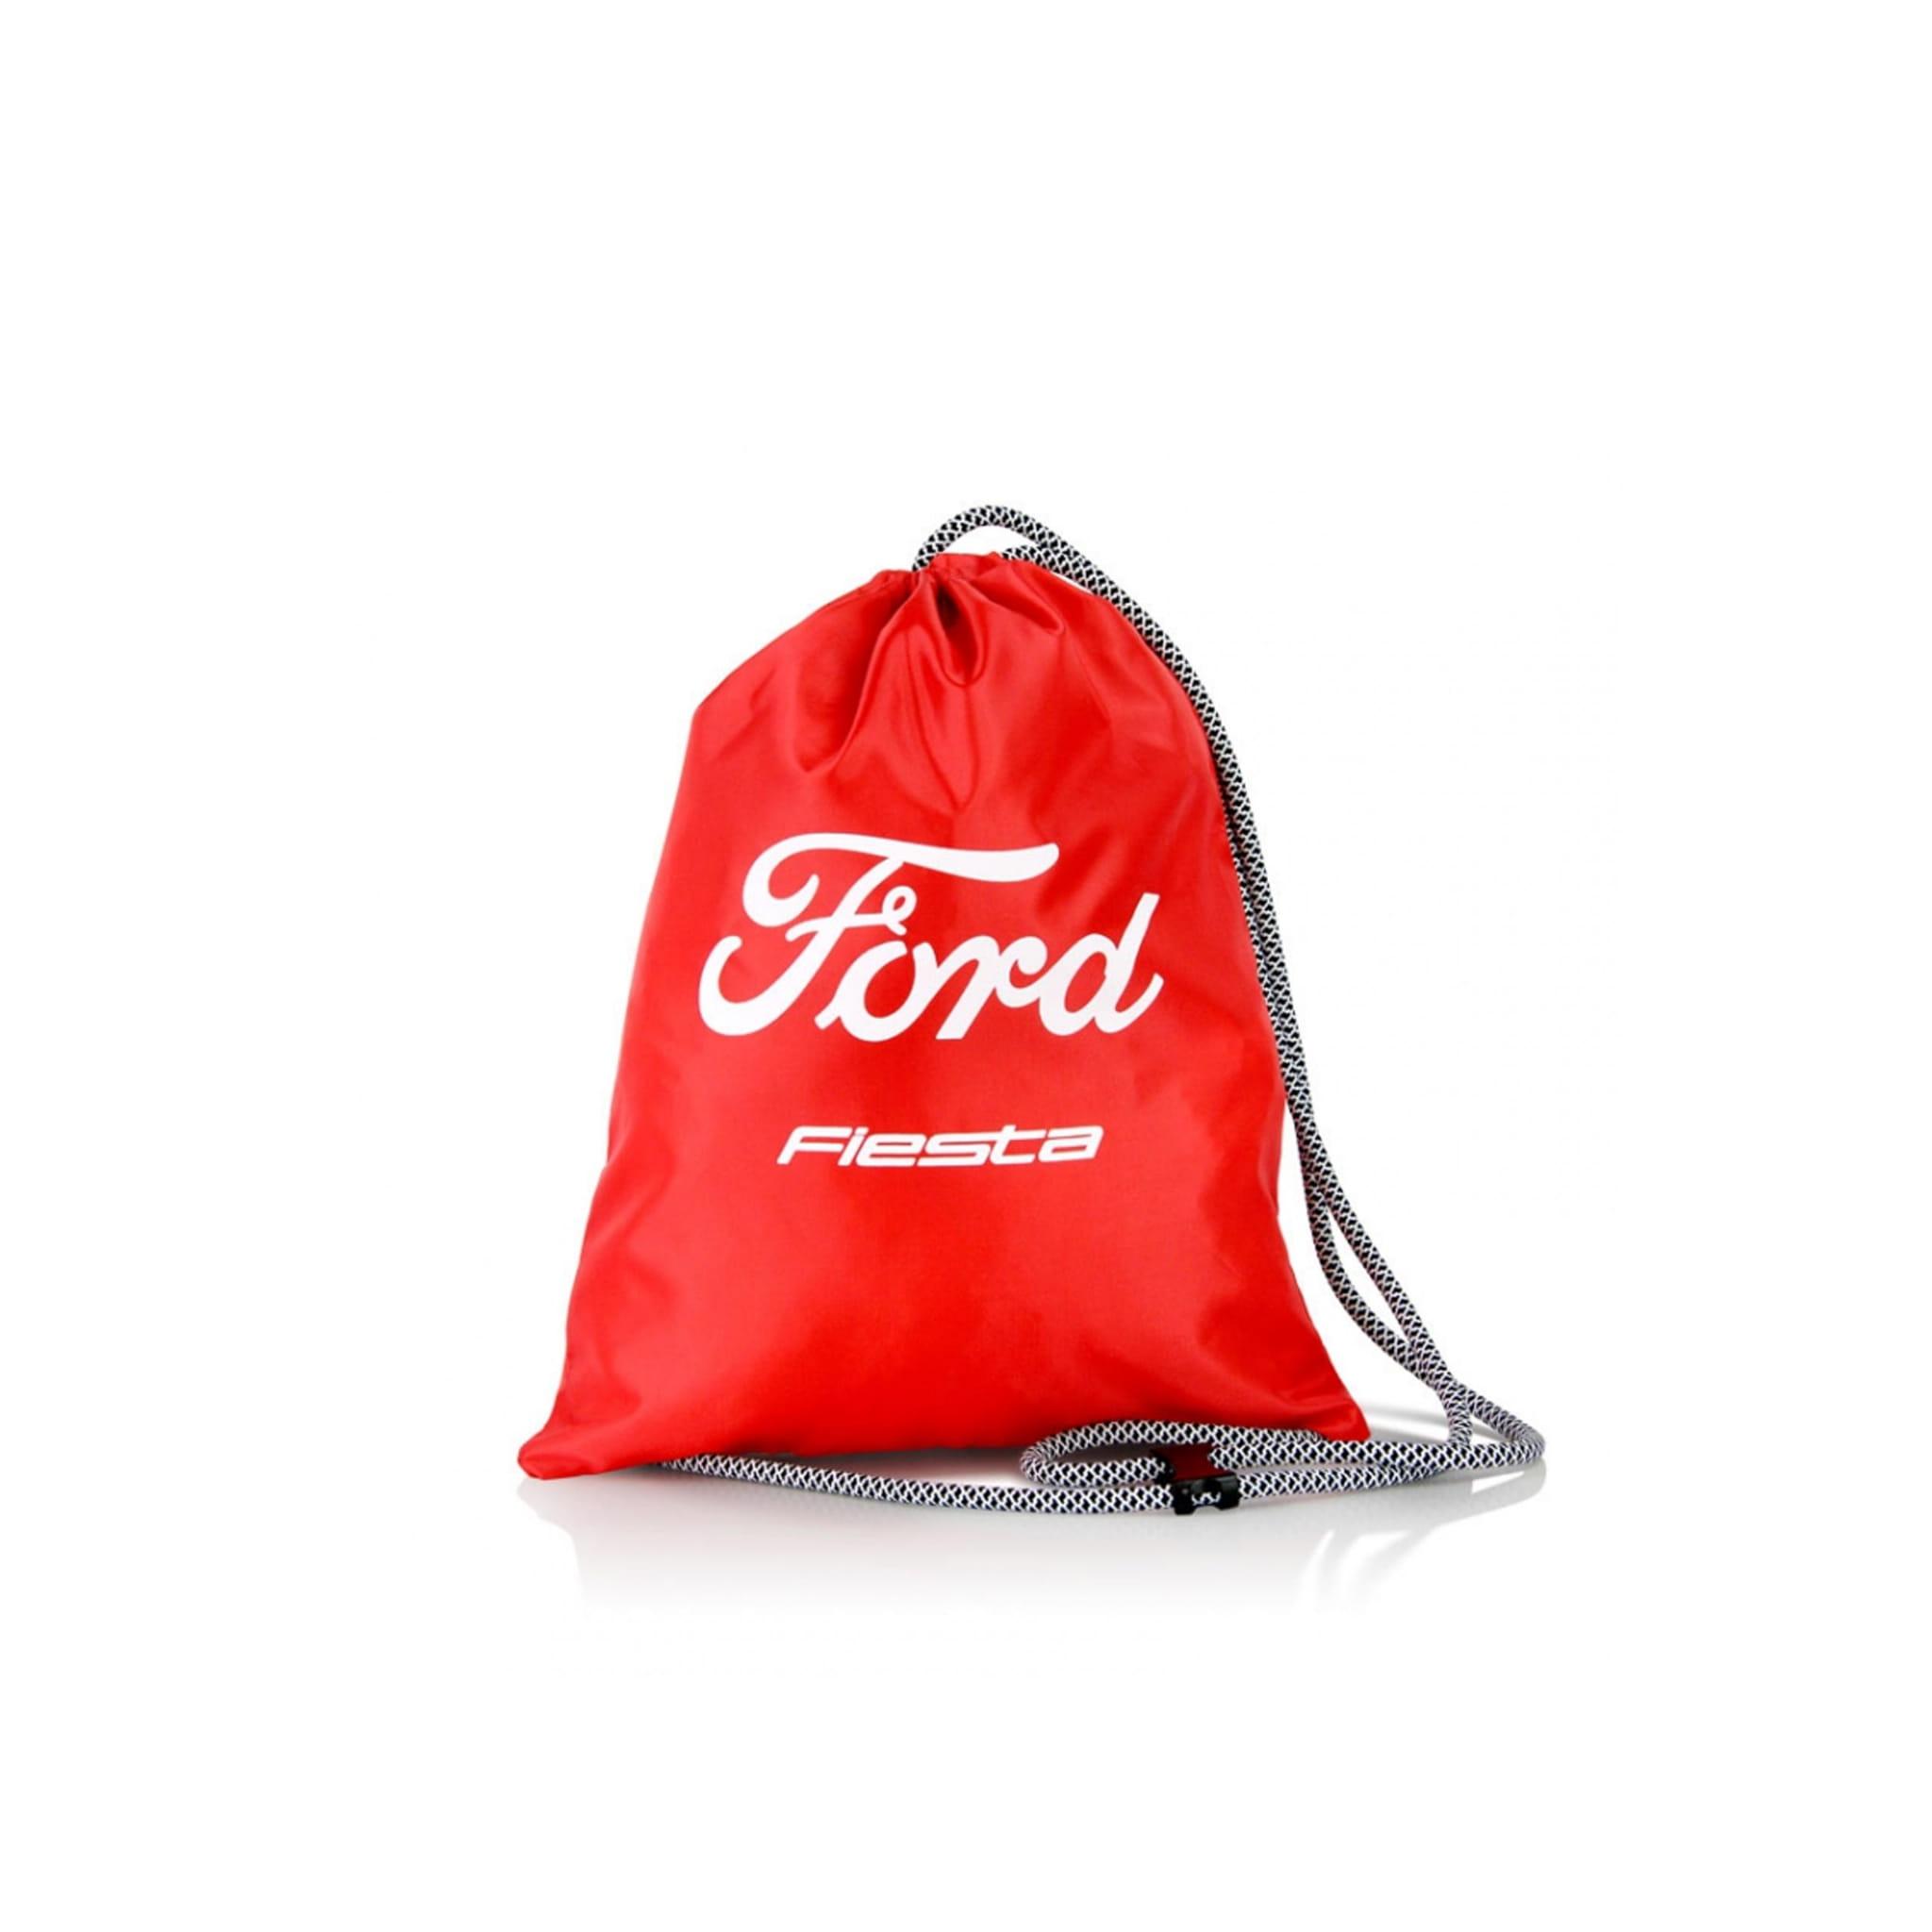 504cd6993f21c Plecak Ford Fiesta części i akcesoria sklep online